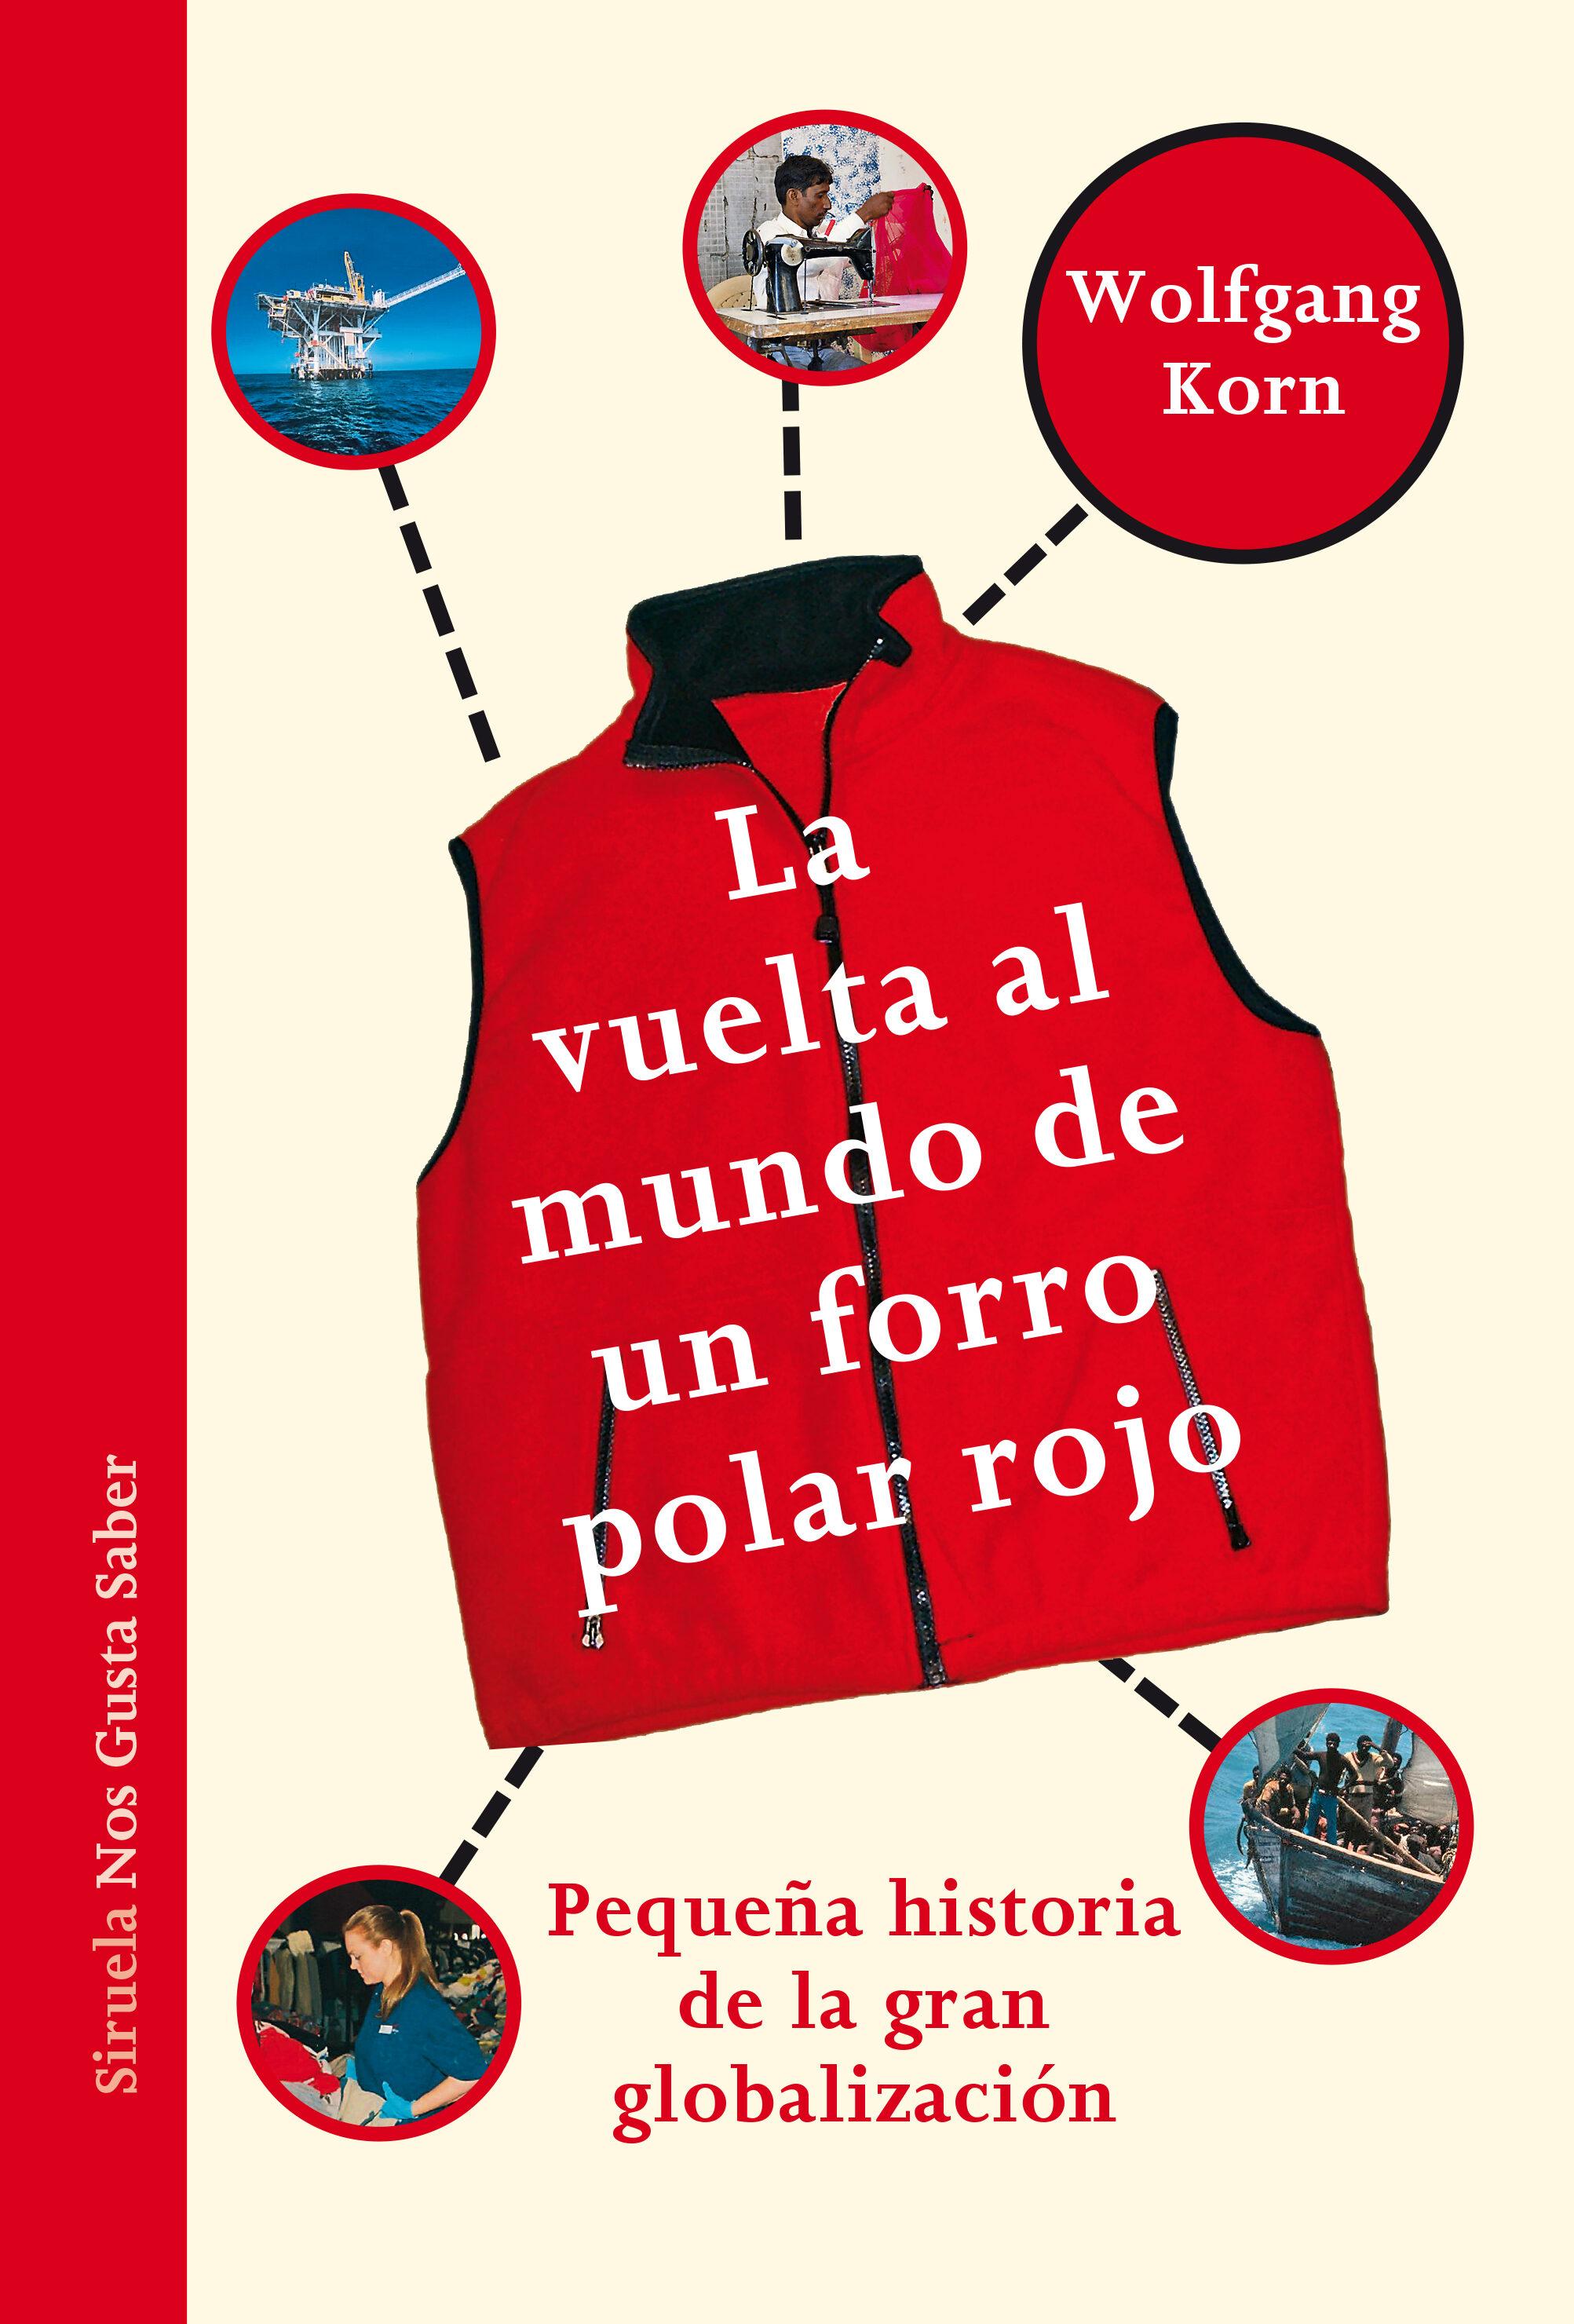 la vuelta al mundo de un forro polar rojo: pequeña historia de la gran globalizacion-wolfgang korn-9788417151980